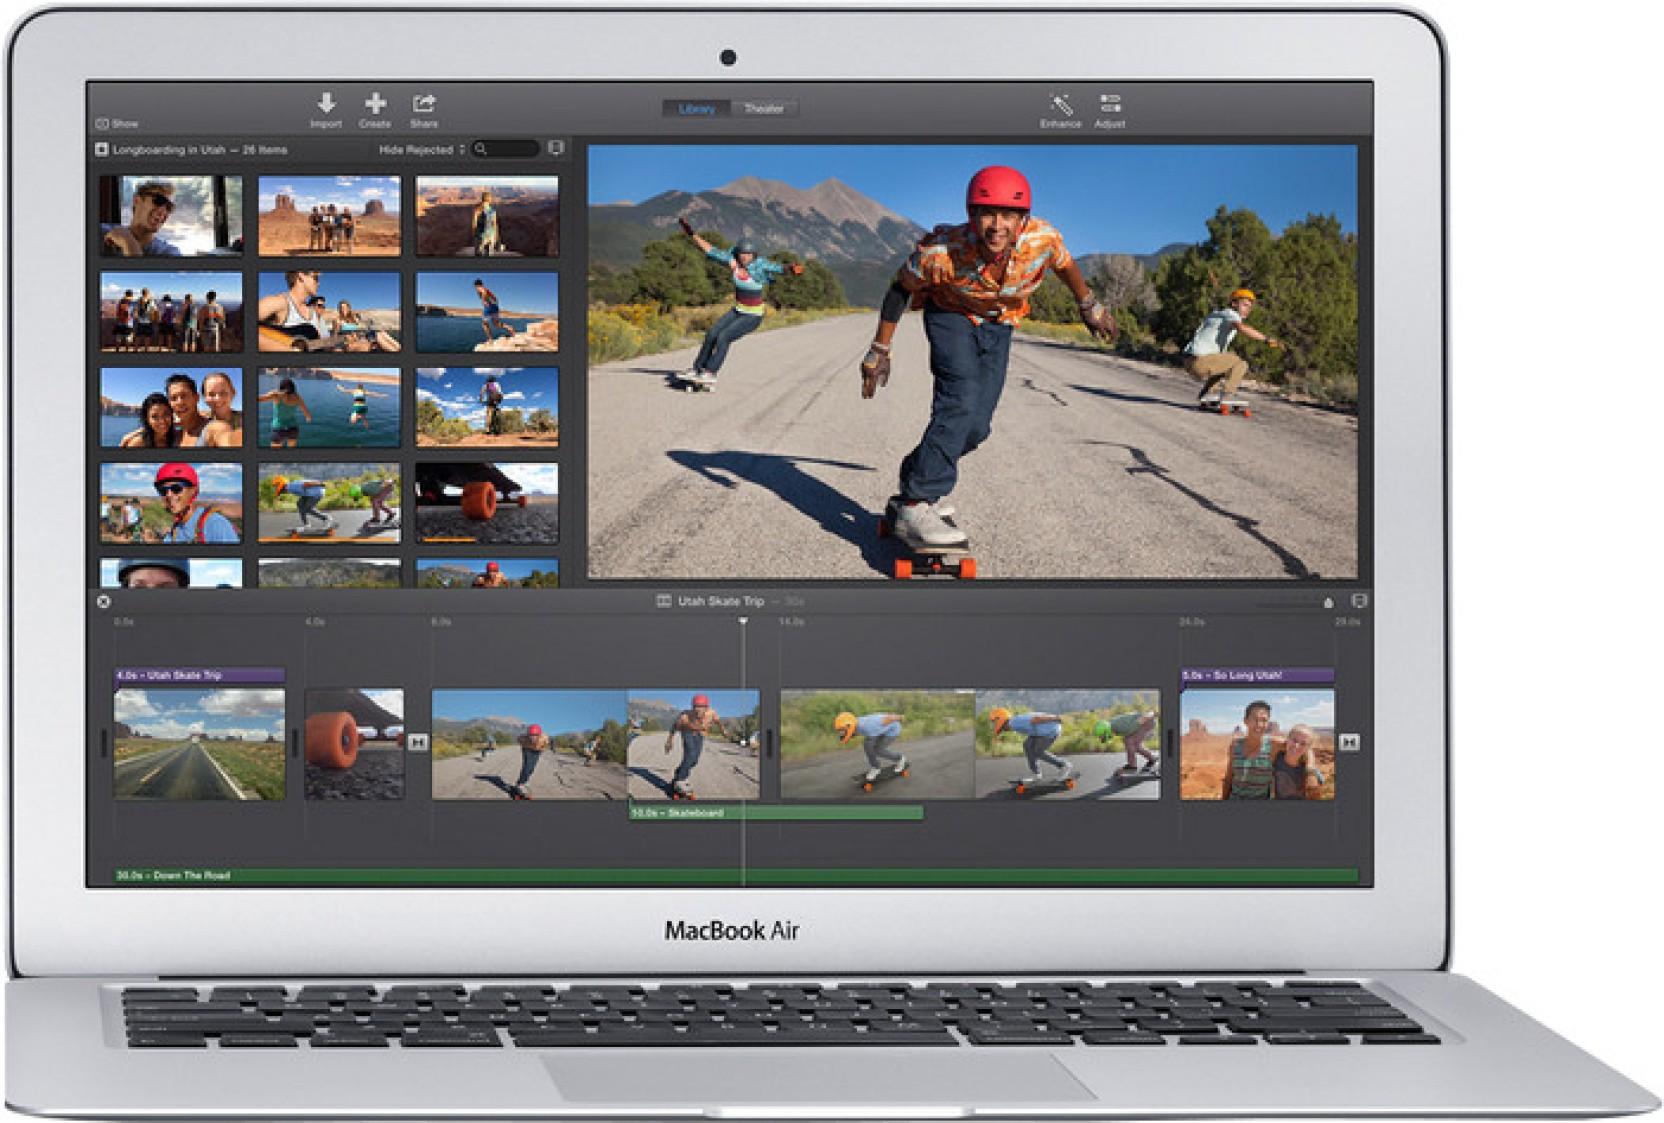 Mac Os X For Macbook Air